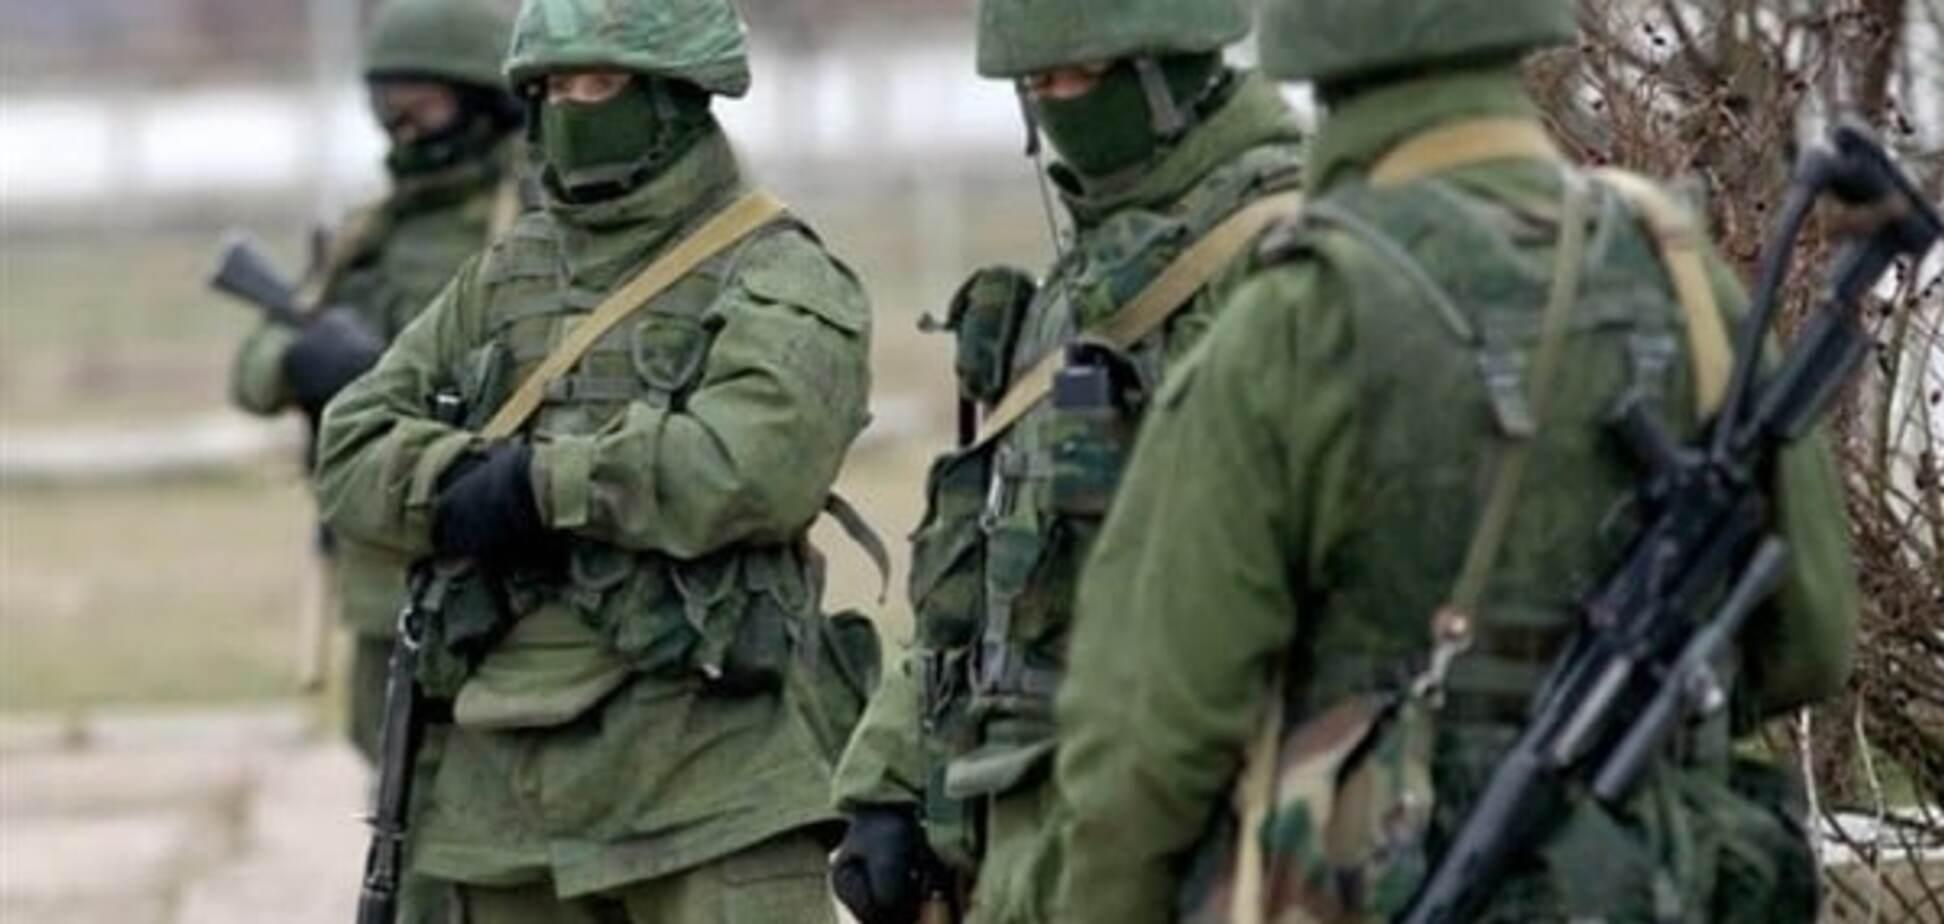 'Зелені чоловічки' і легіон СС: радник Авакова розповів, як 'розгойдують' Одесу